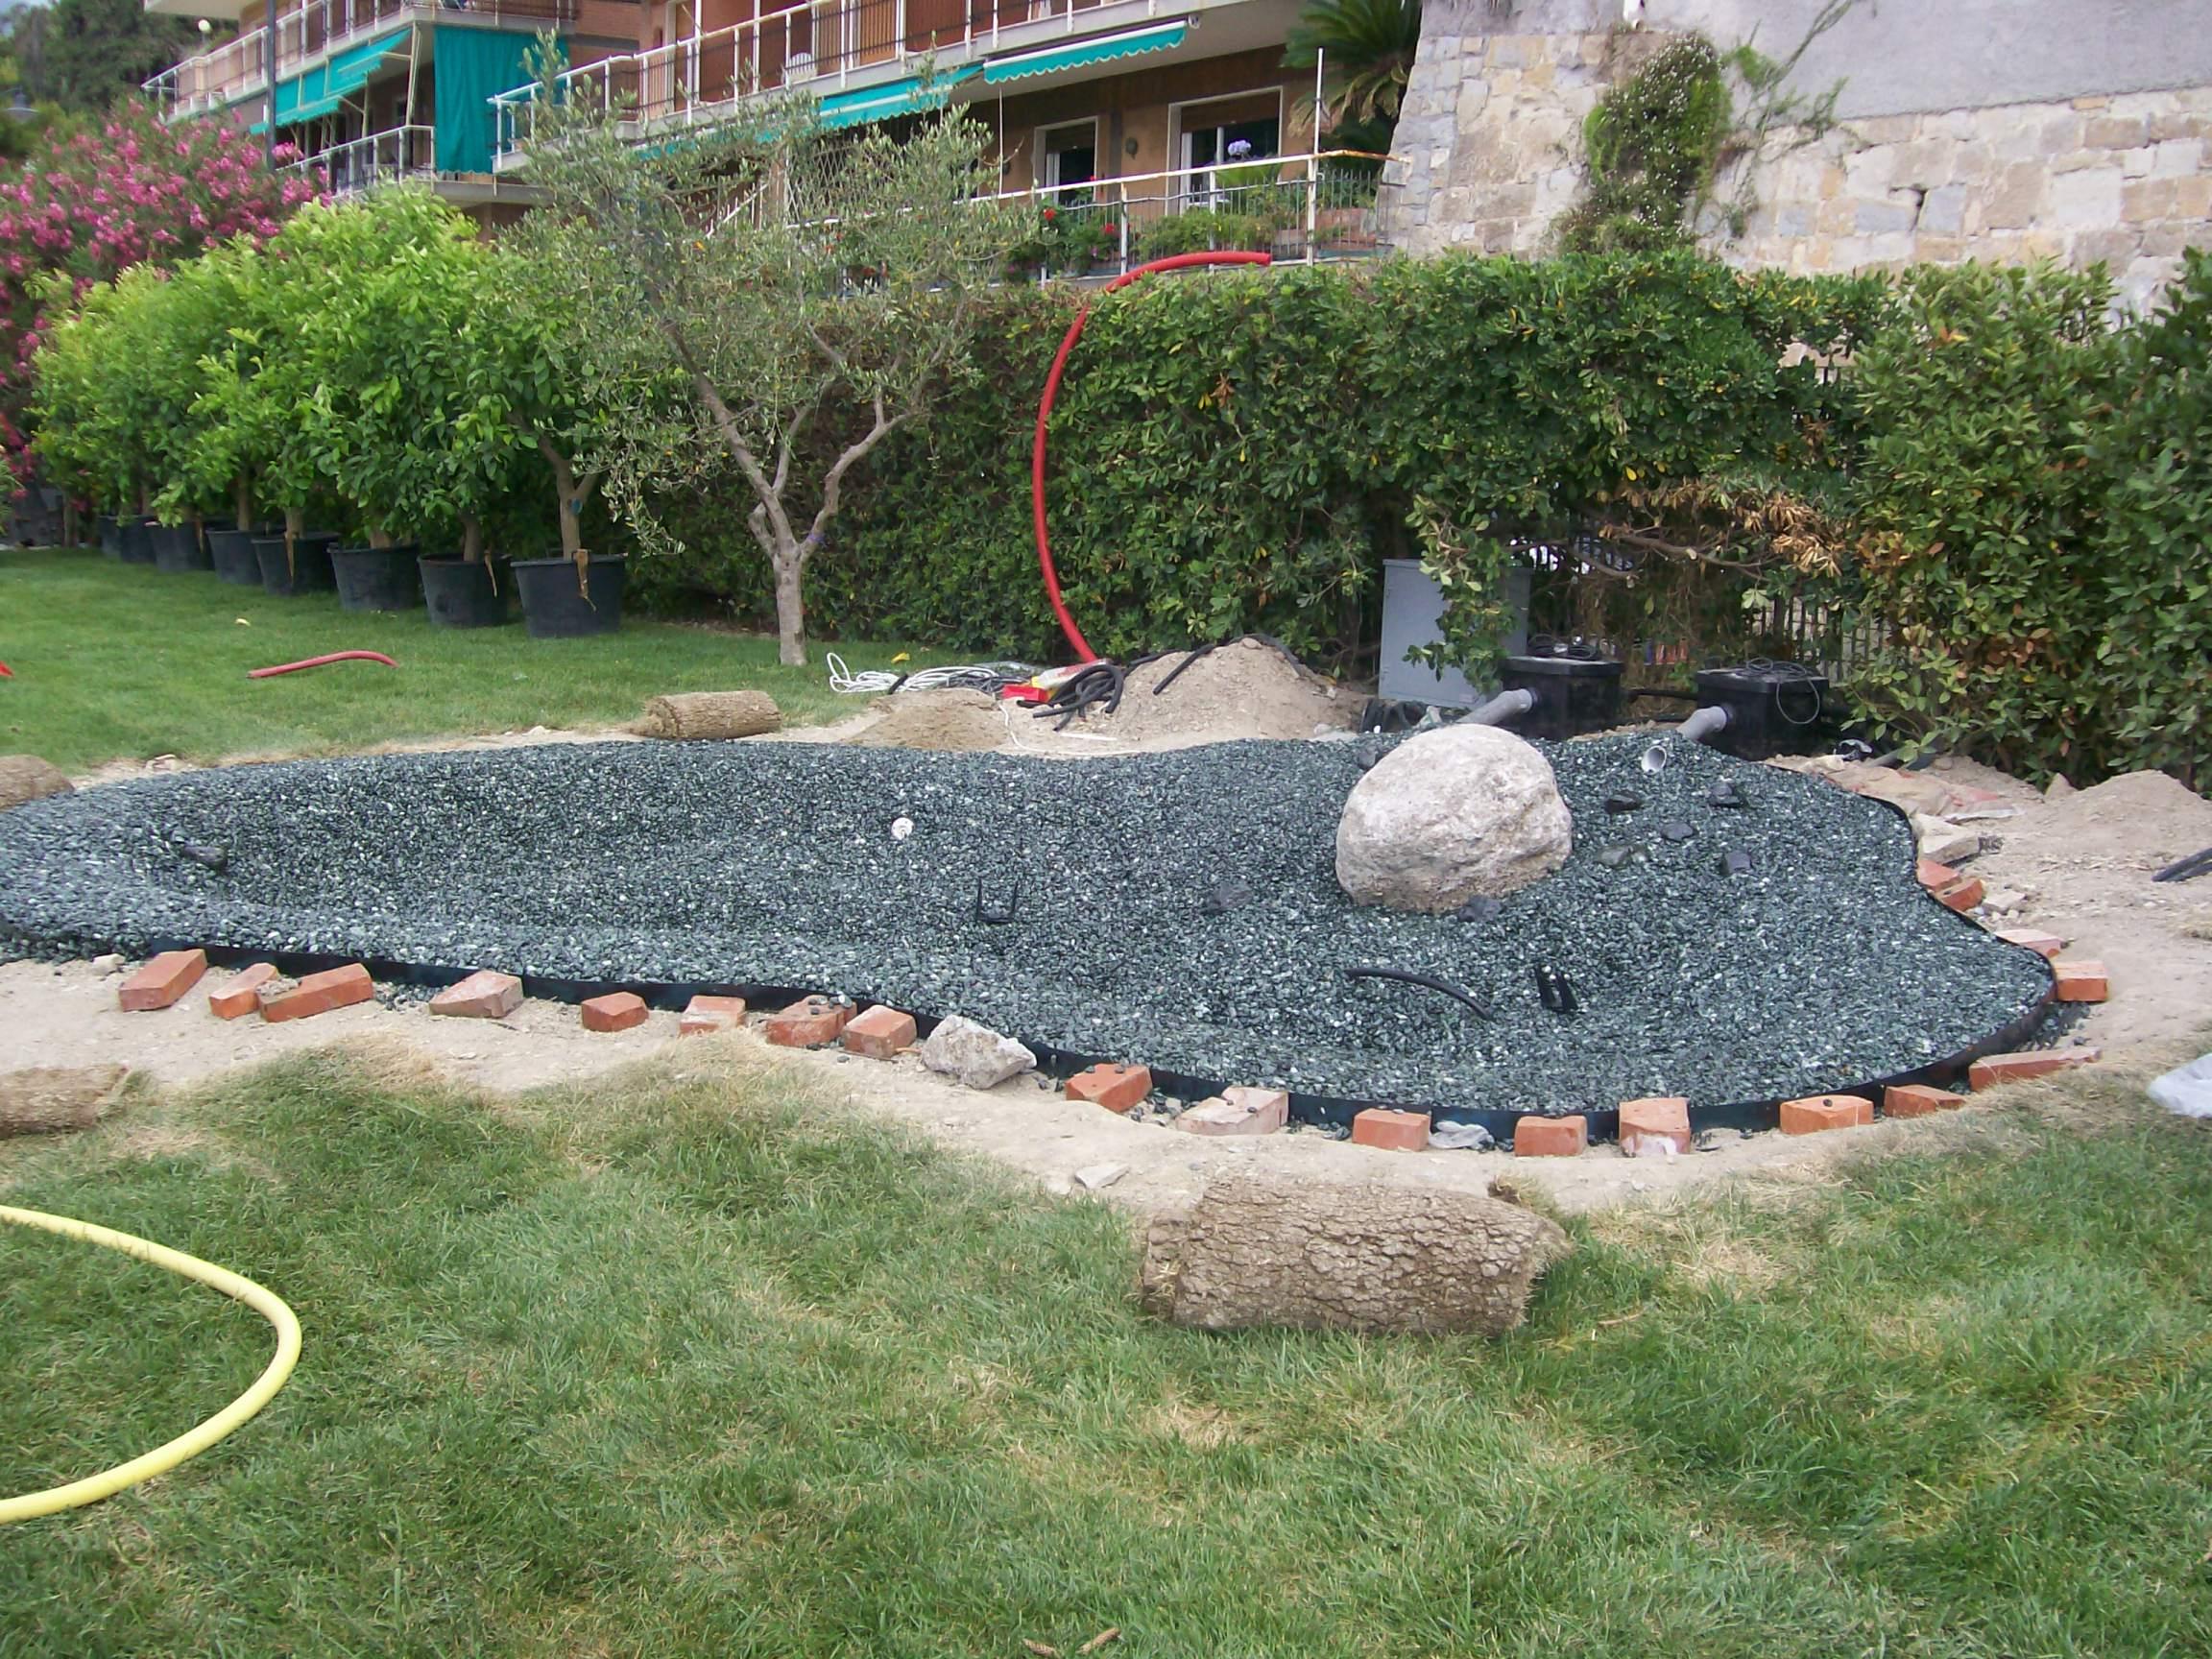 Pozzi Decorativi Da Giardino : Pozzi ornamentali da giardino u moloney